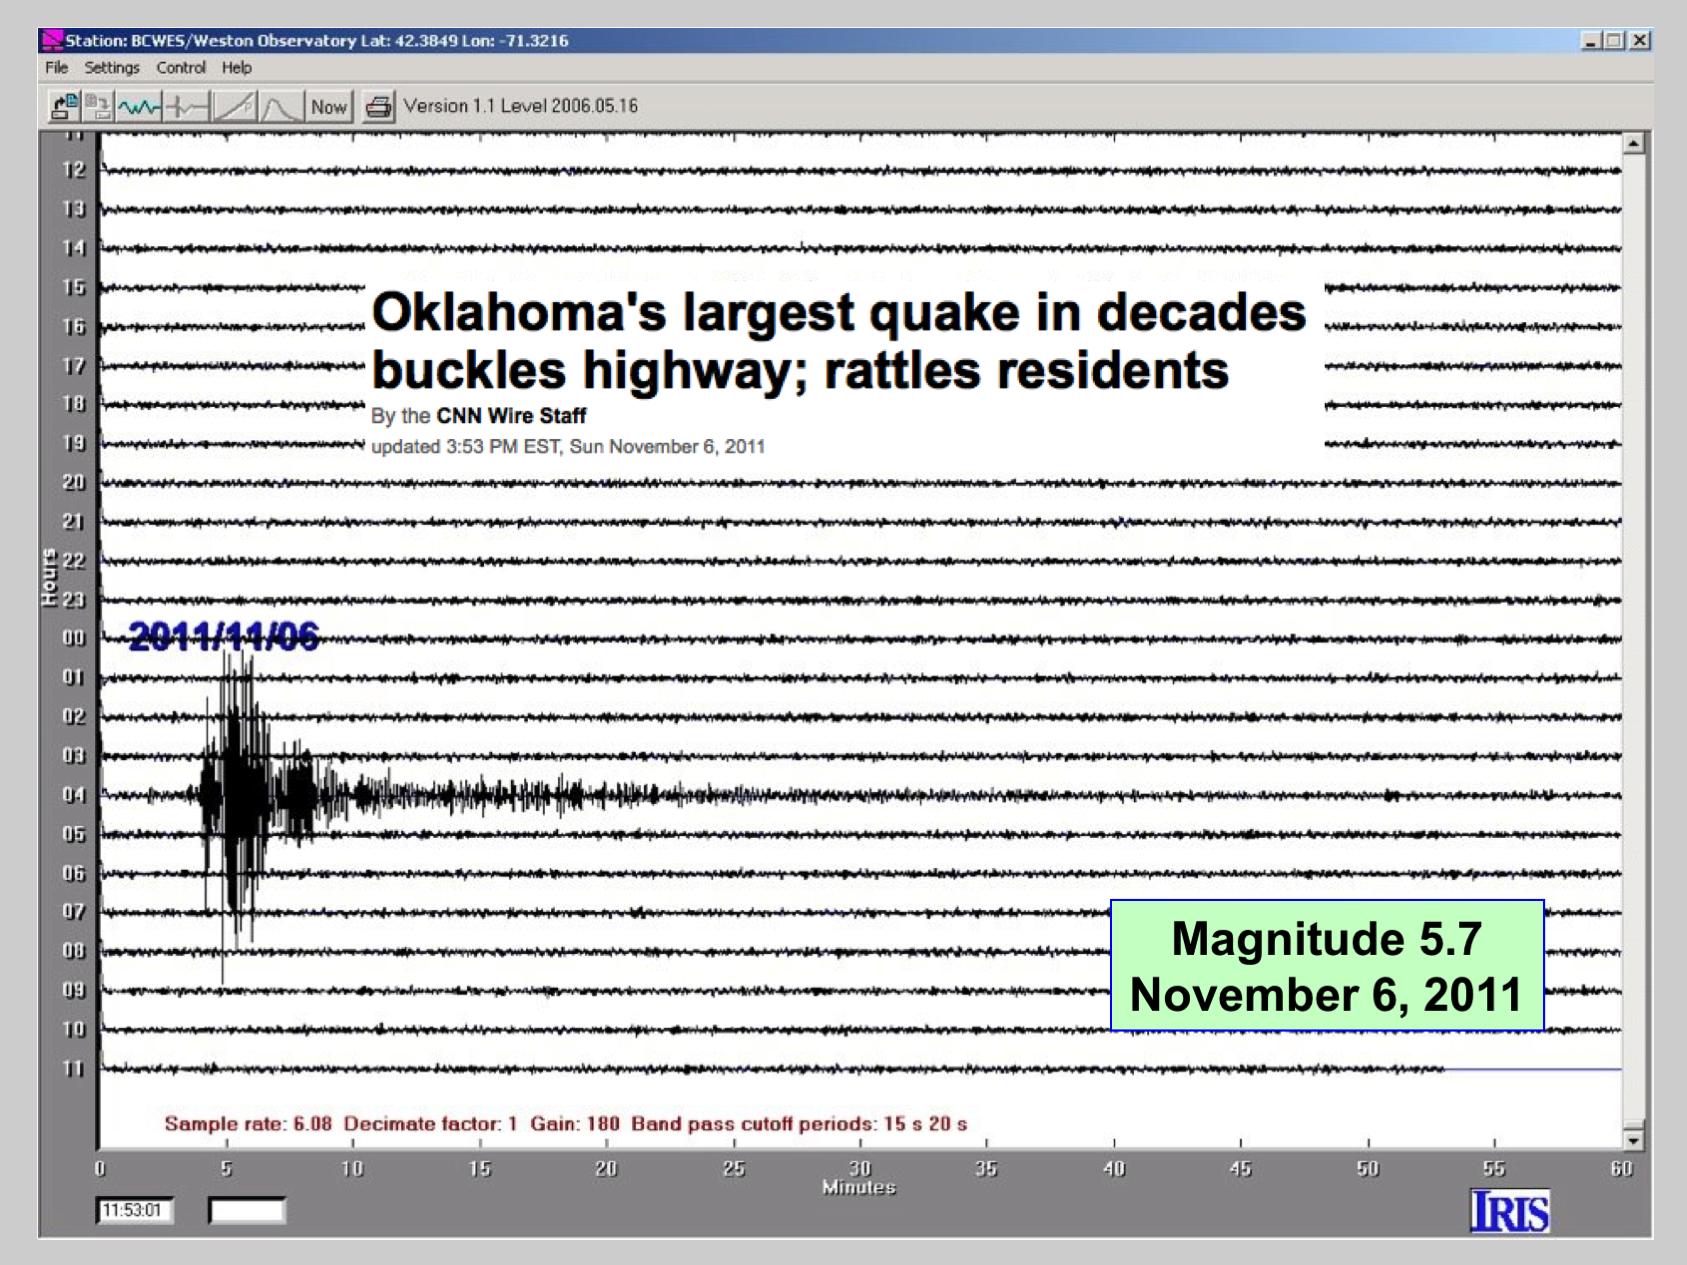 11/06/2011, OK quake